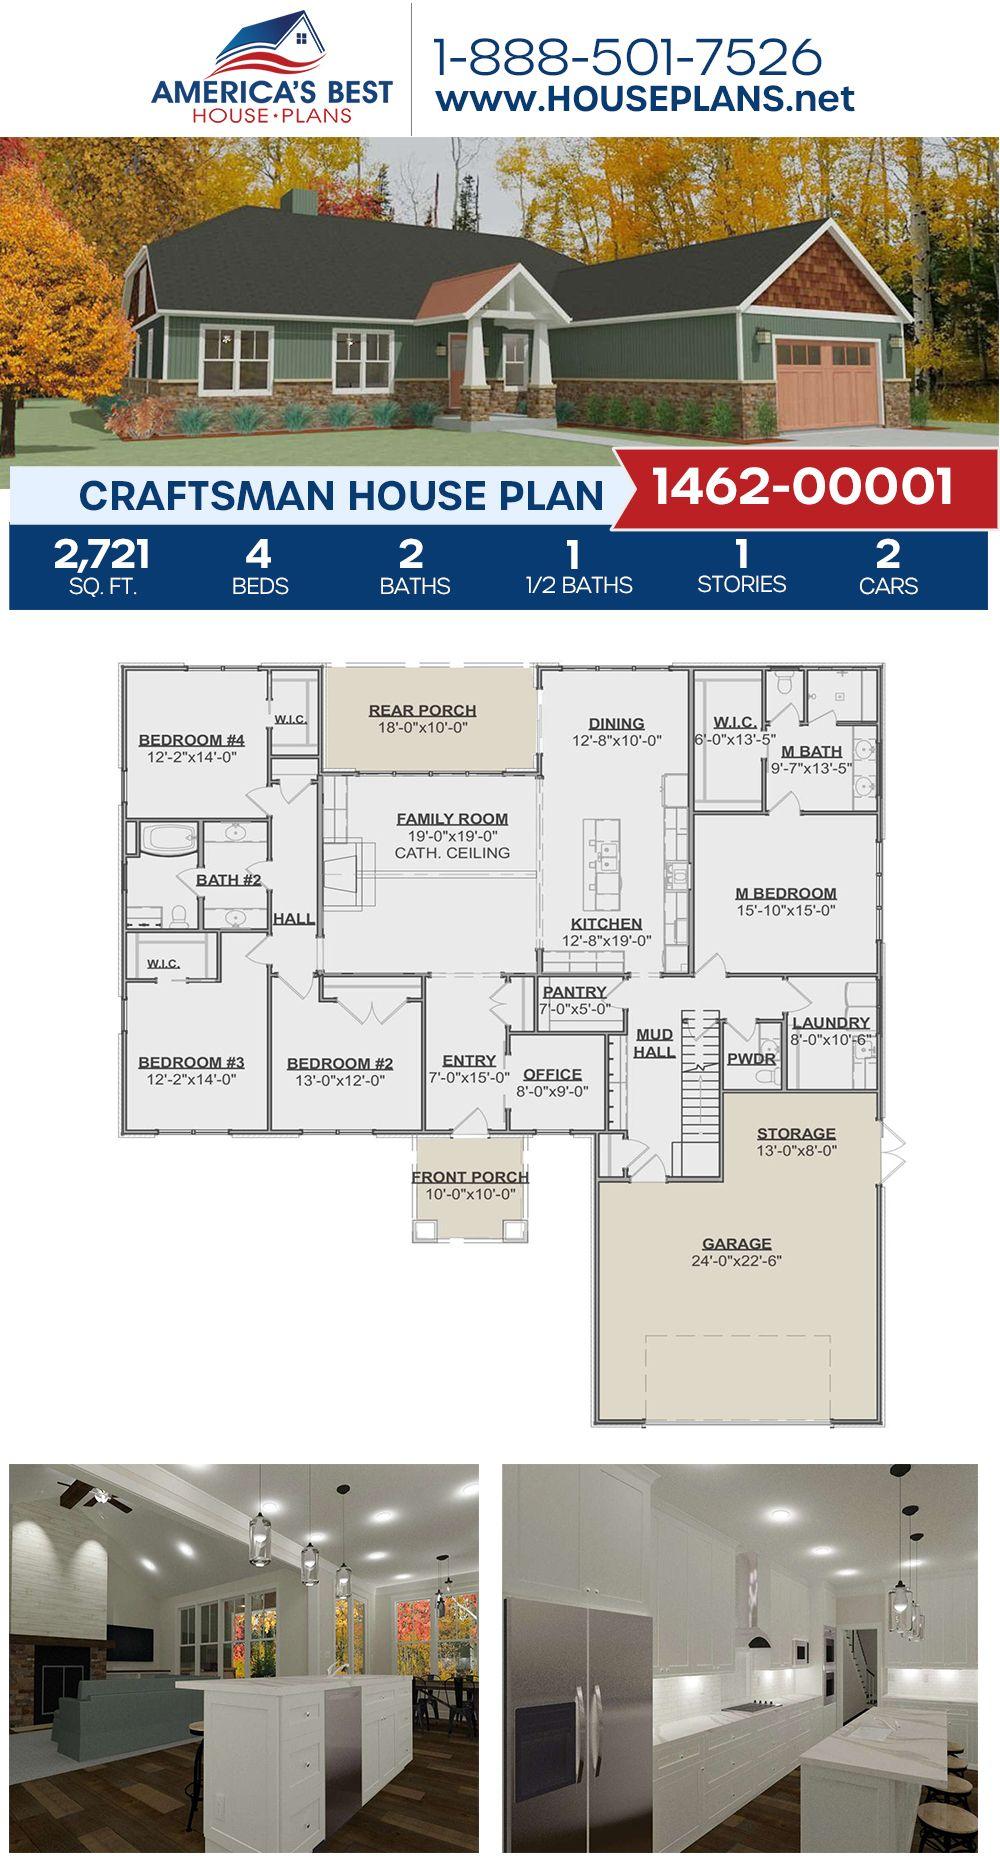 House Plan 1462 00001 Craftsman Plan 2 721 Square Feet 4 Bedrooms 2 5 Bathrooms In 2020 Craftsman House Plans Craftsman Style House Plans Craftsman House Plan